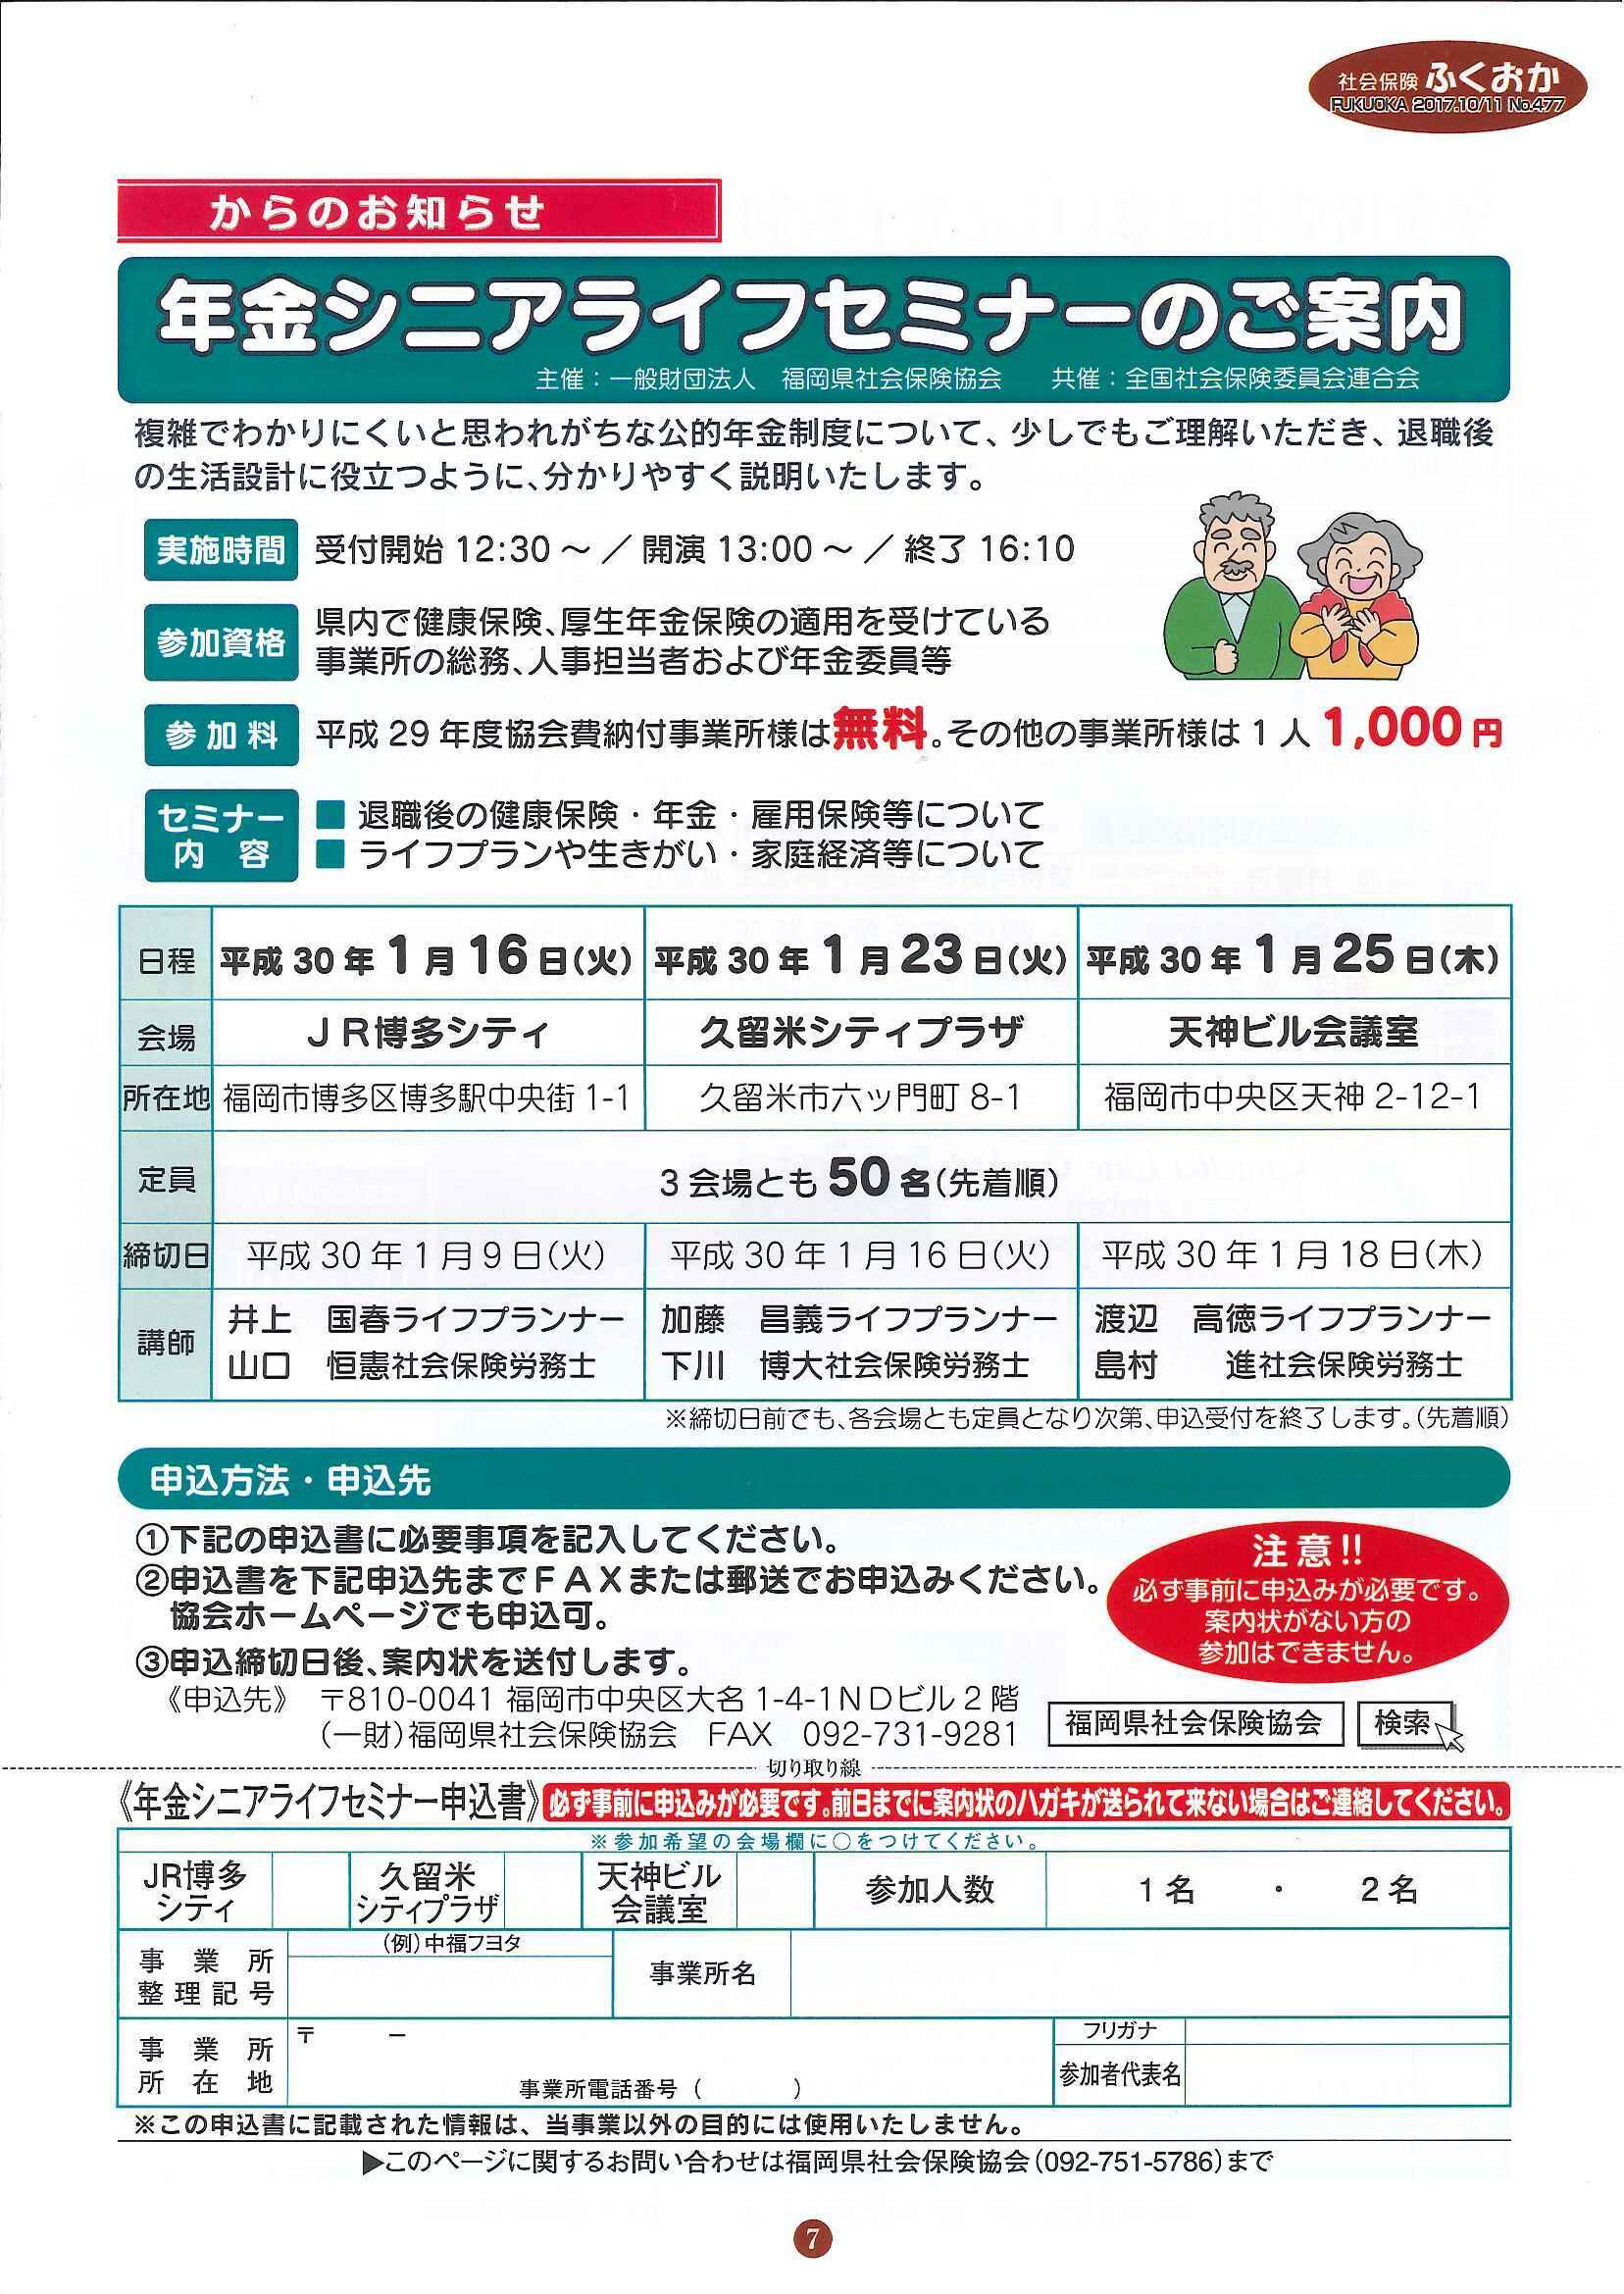 社会保険 ふくおか 2017年10・11月号_f0120774_12330753.jpg